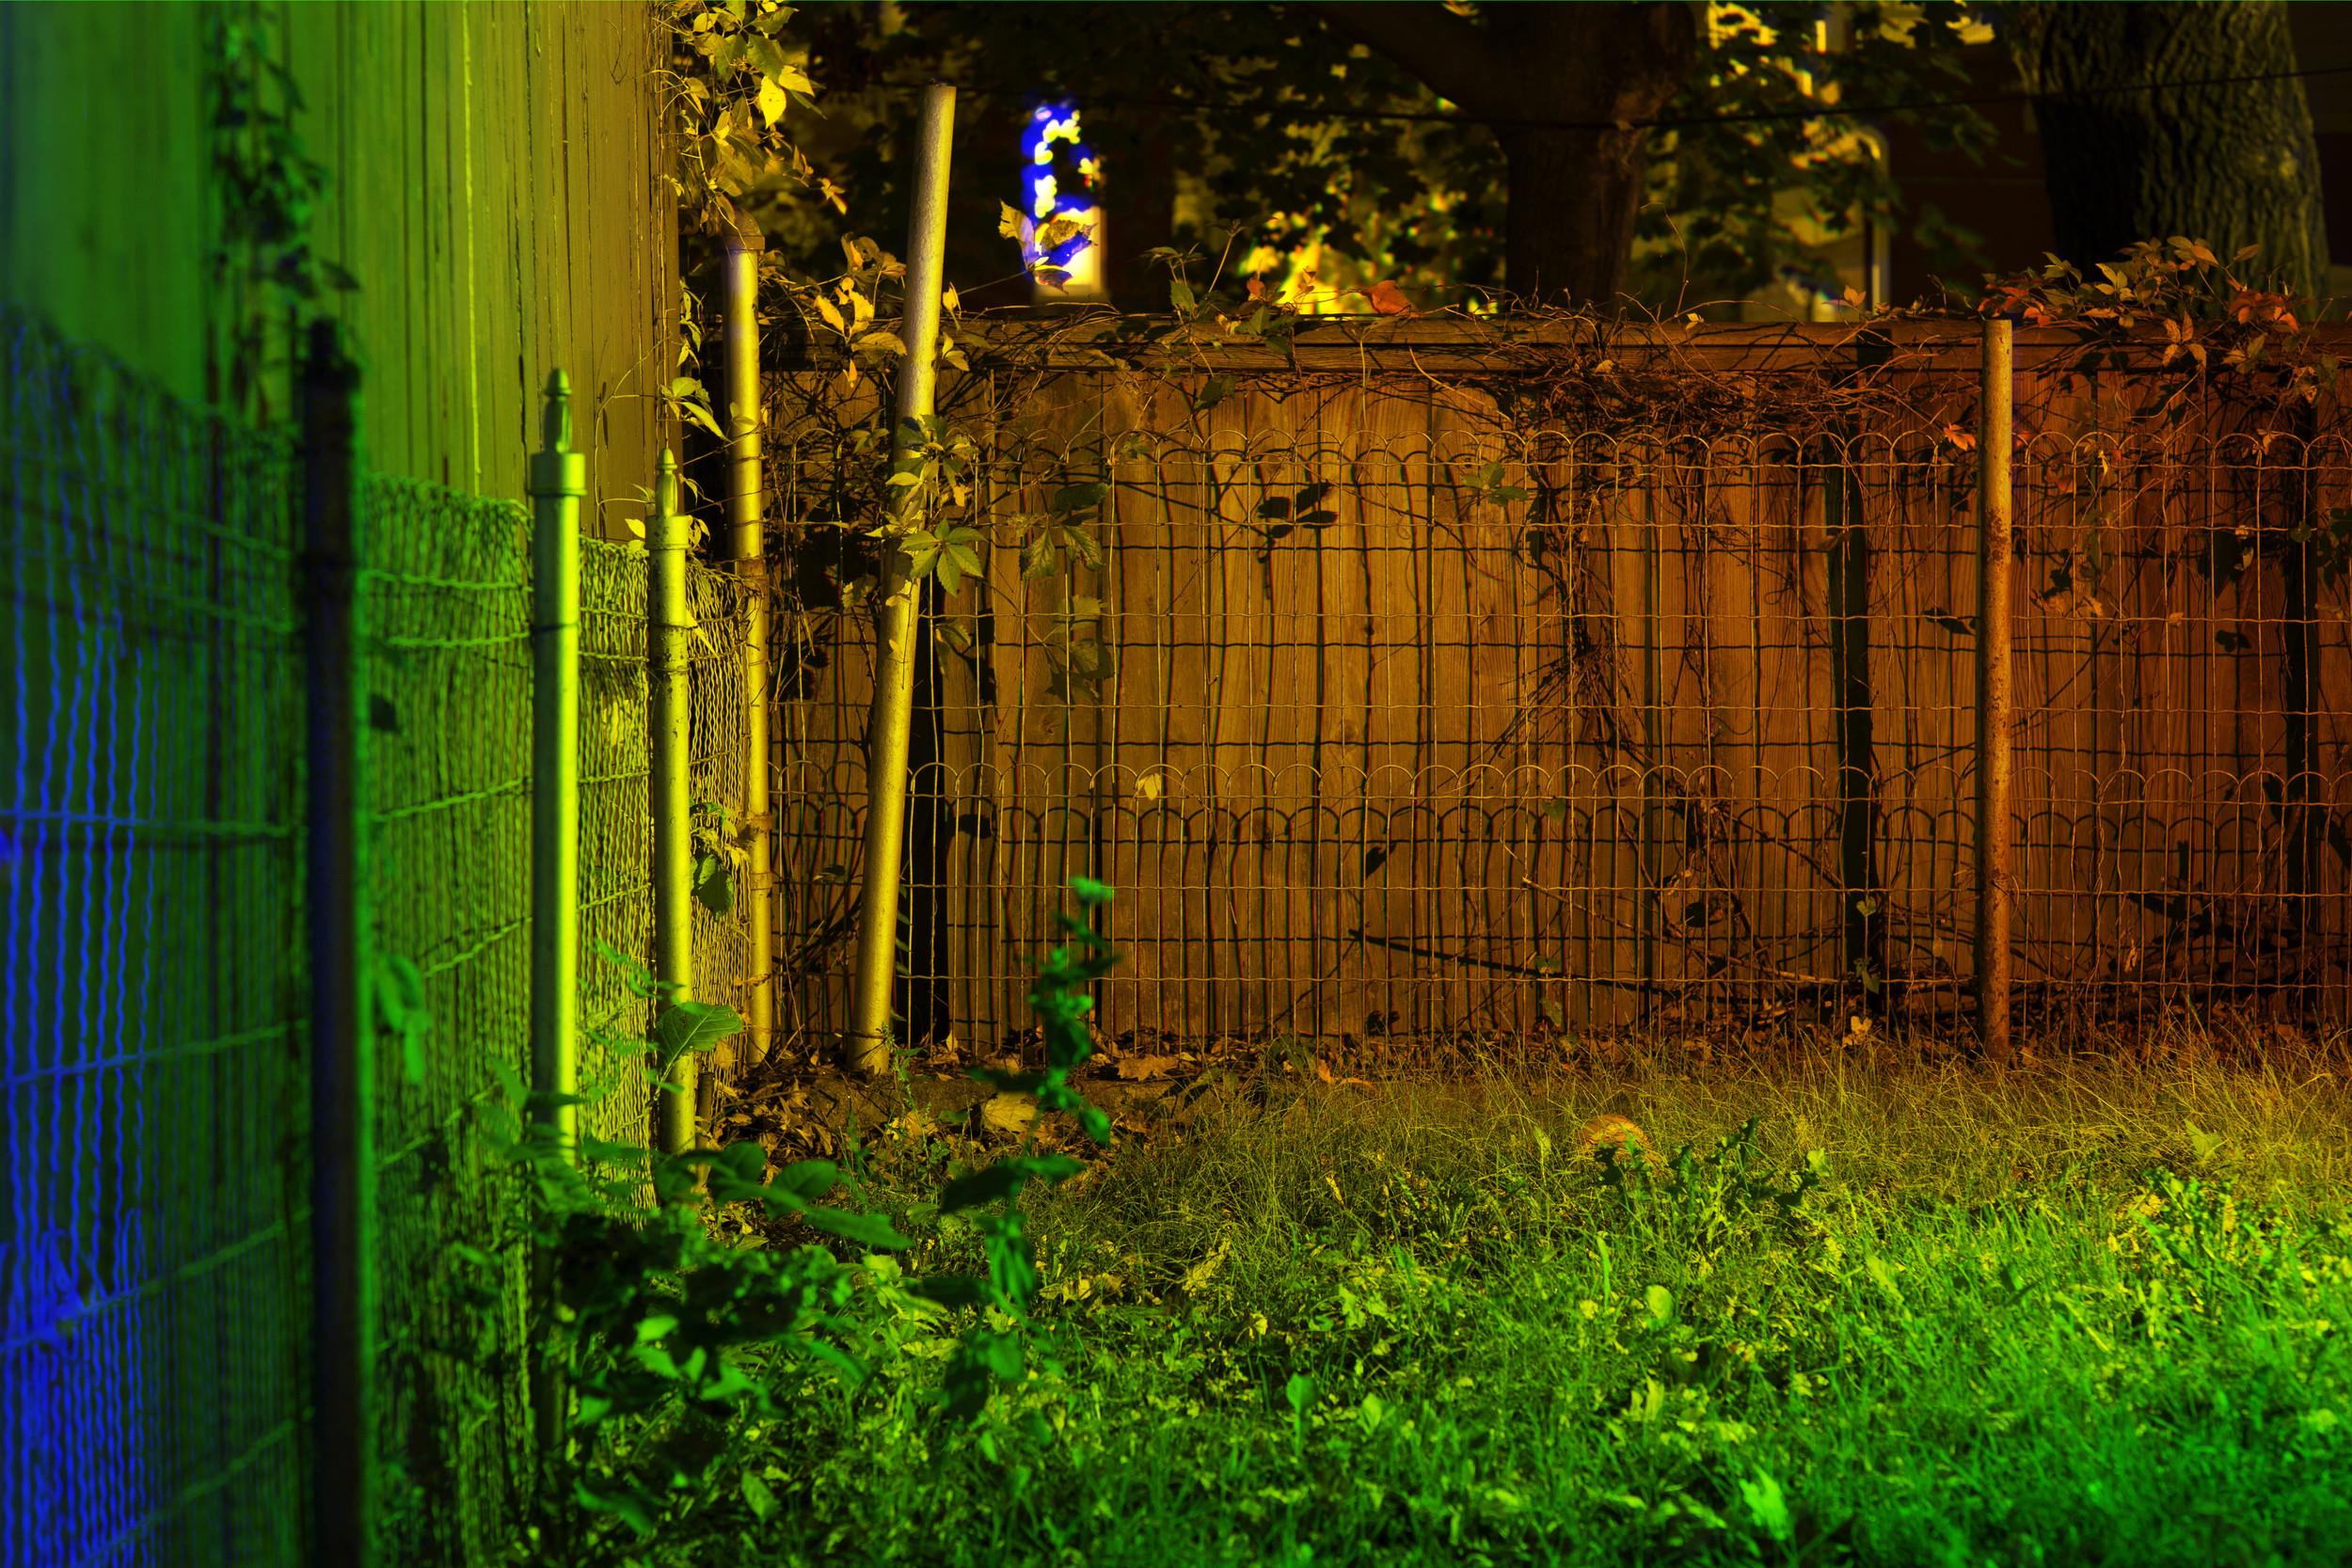 7BackyardFence_RGB.jpg